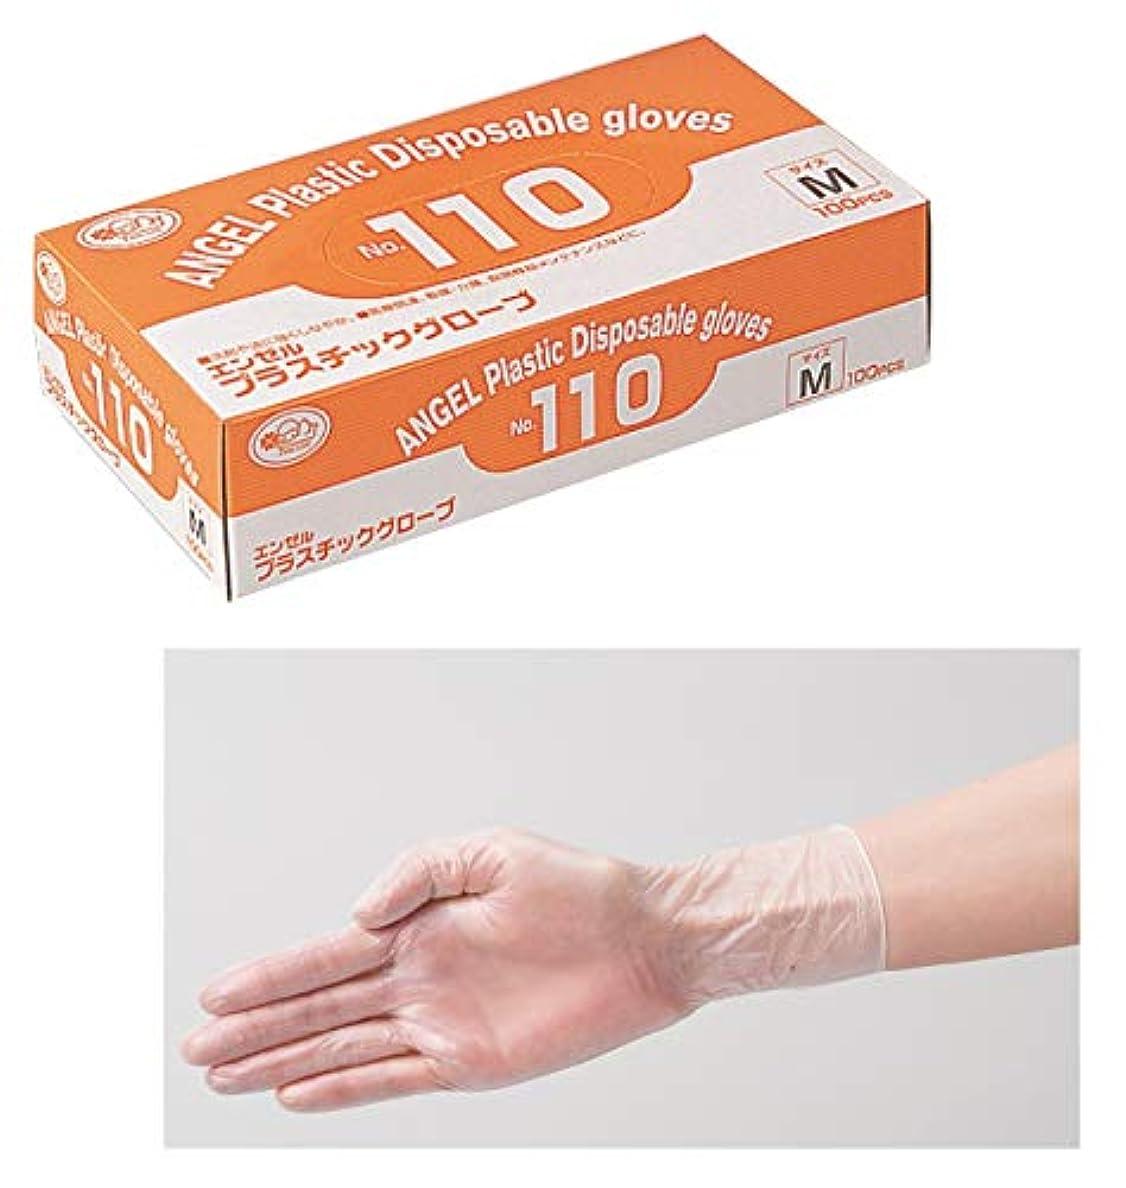 好み用語集スペインサンフラワー No.110 プラスチックグローブ 粉付 100枚入り (L)